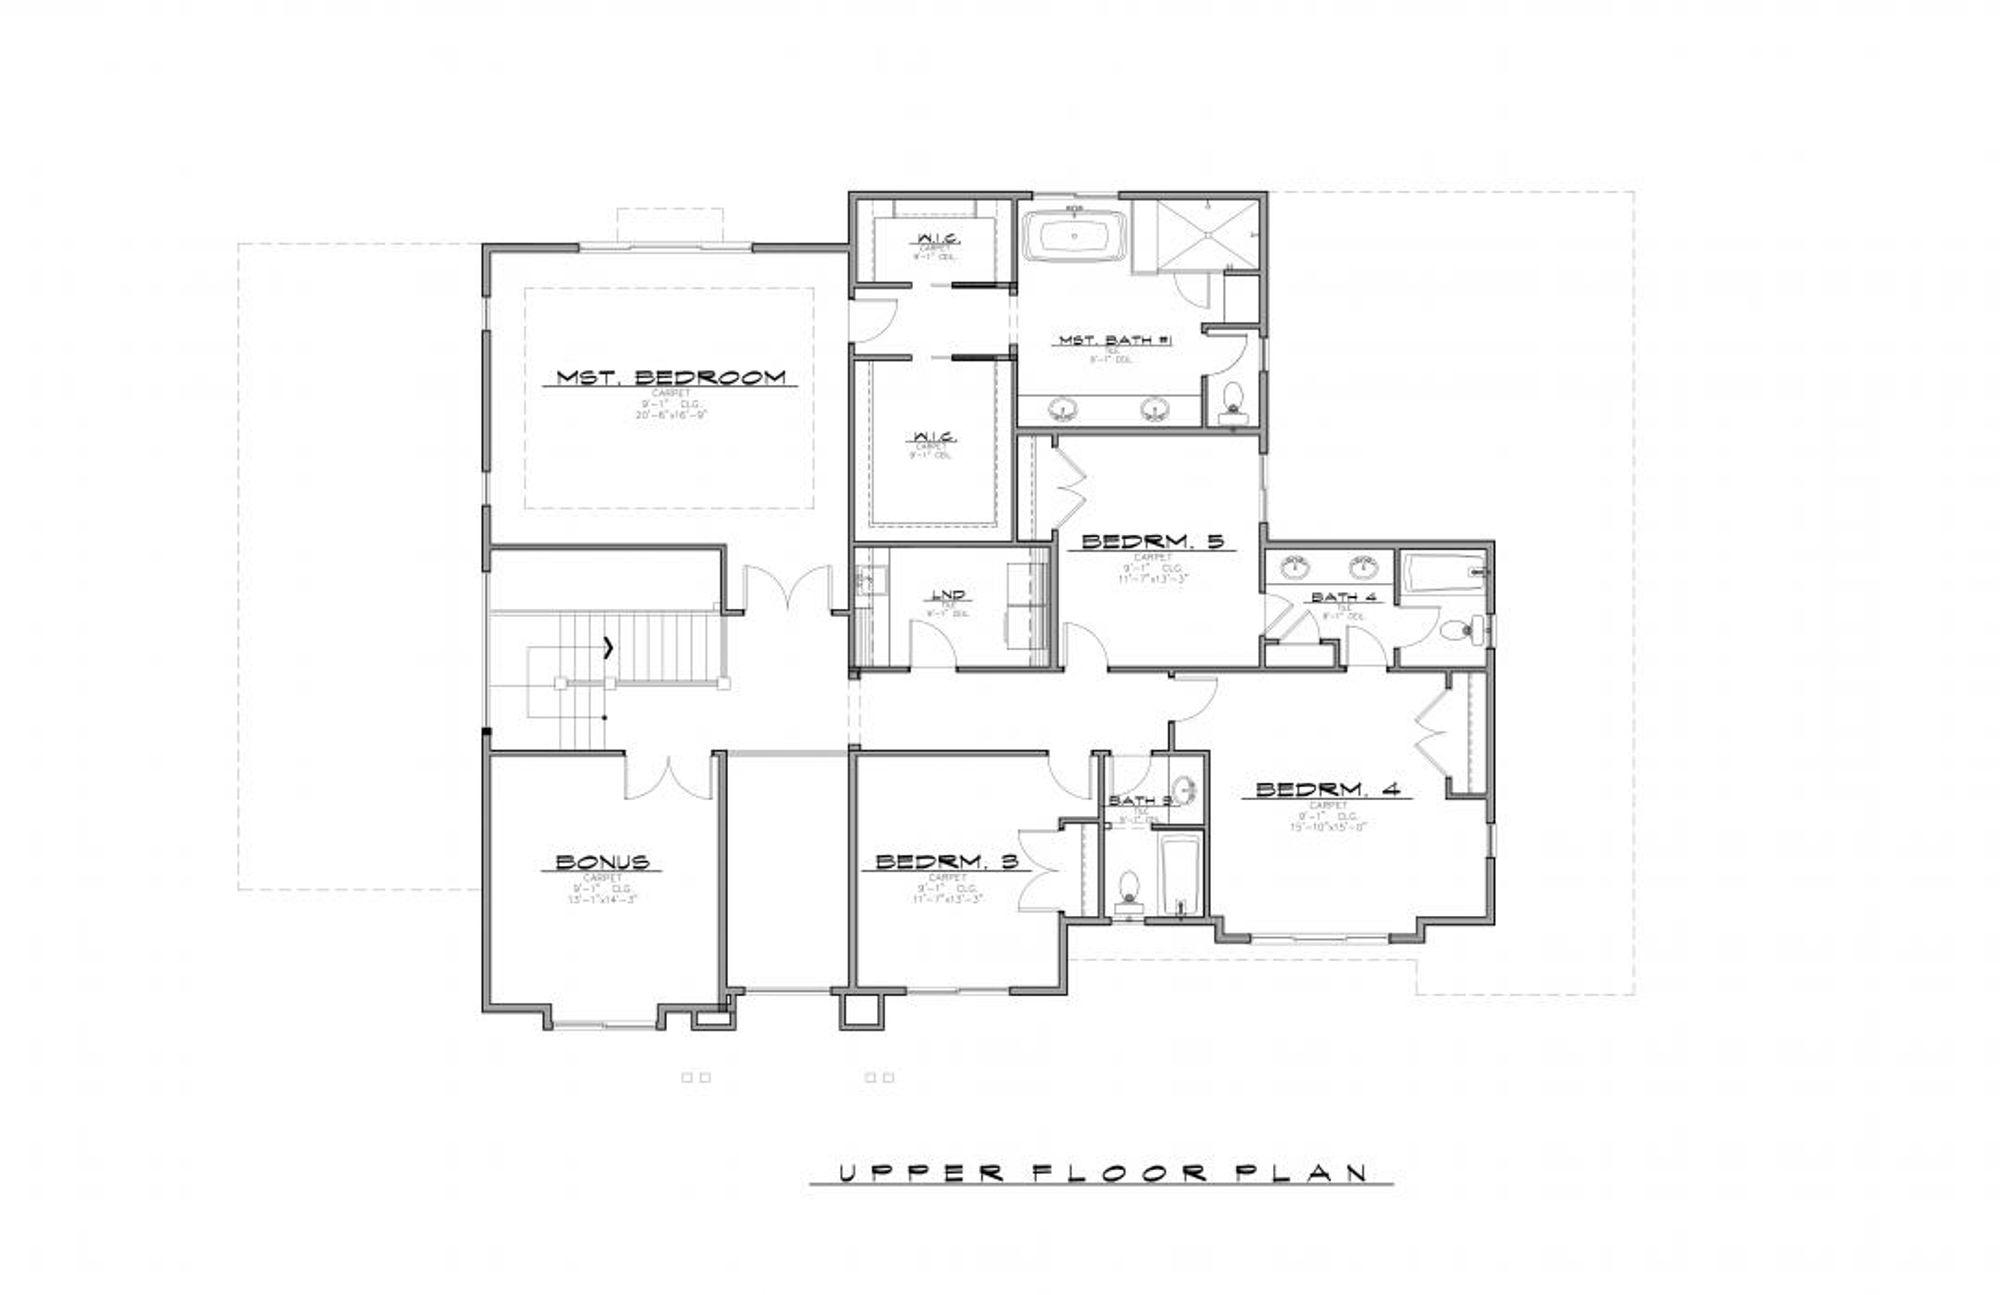 Perth Upper Floor Plan